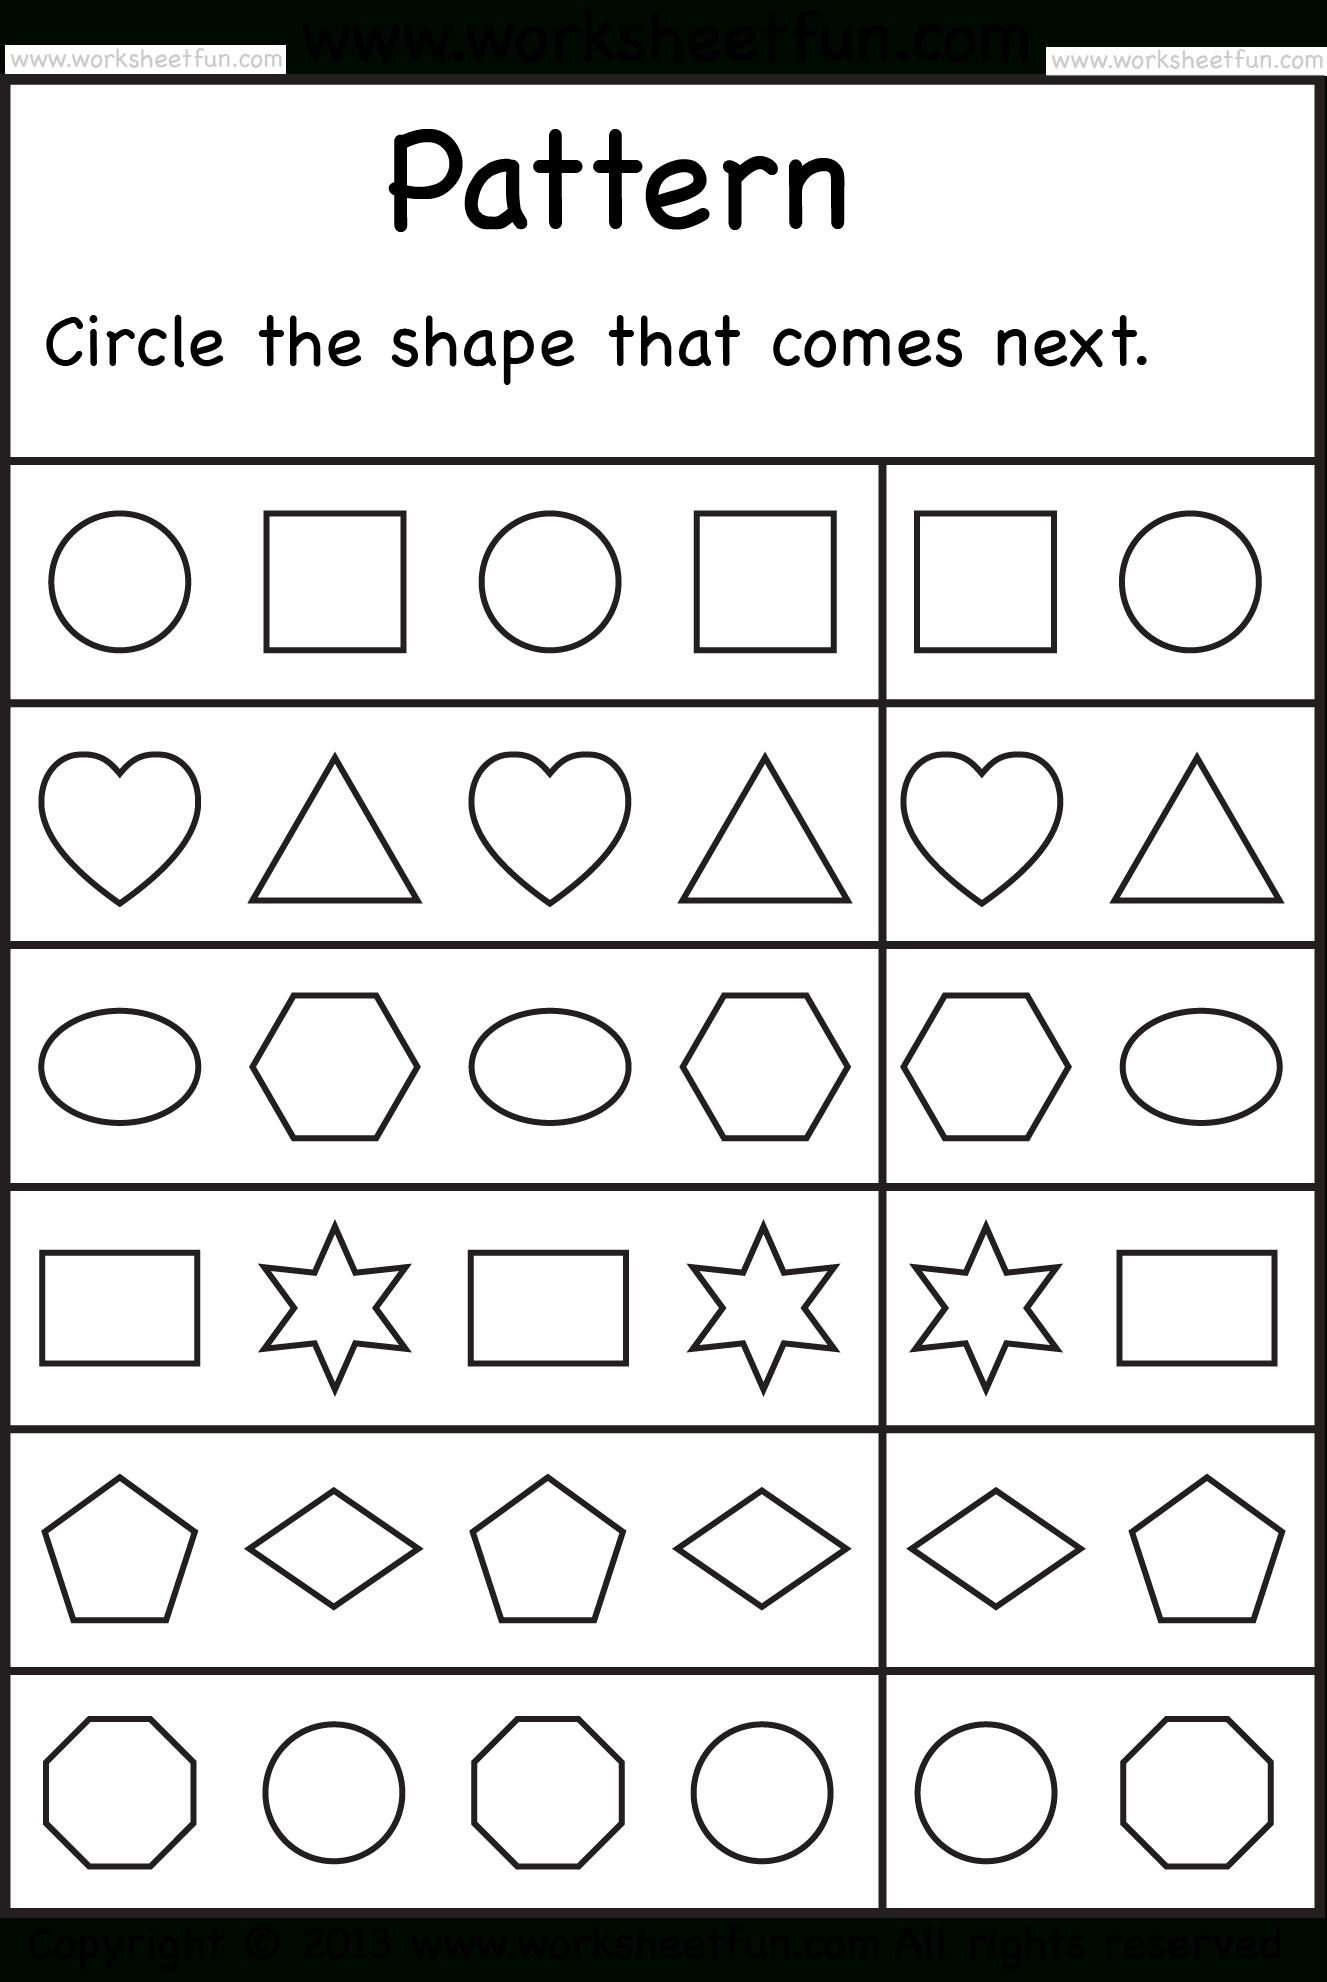 Free Printable Worksheets – Worksheetfun / Free Printable  | Kids - Free Printable Worksheets For Kids